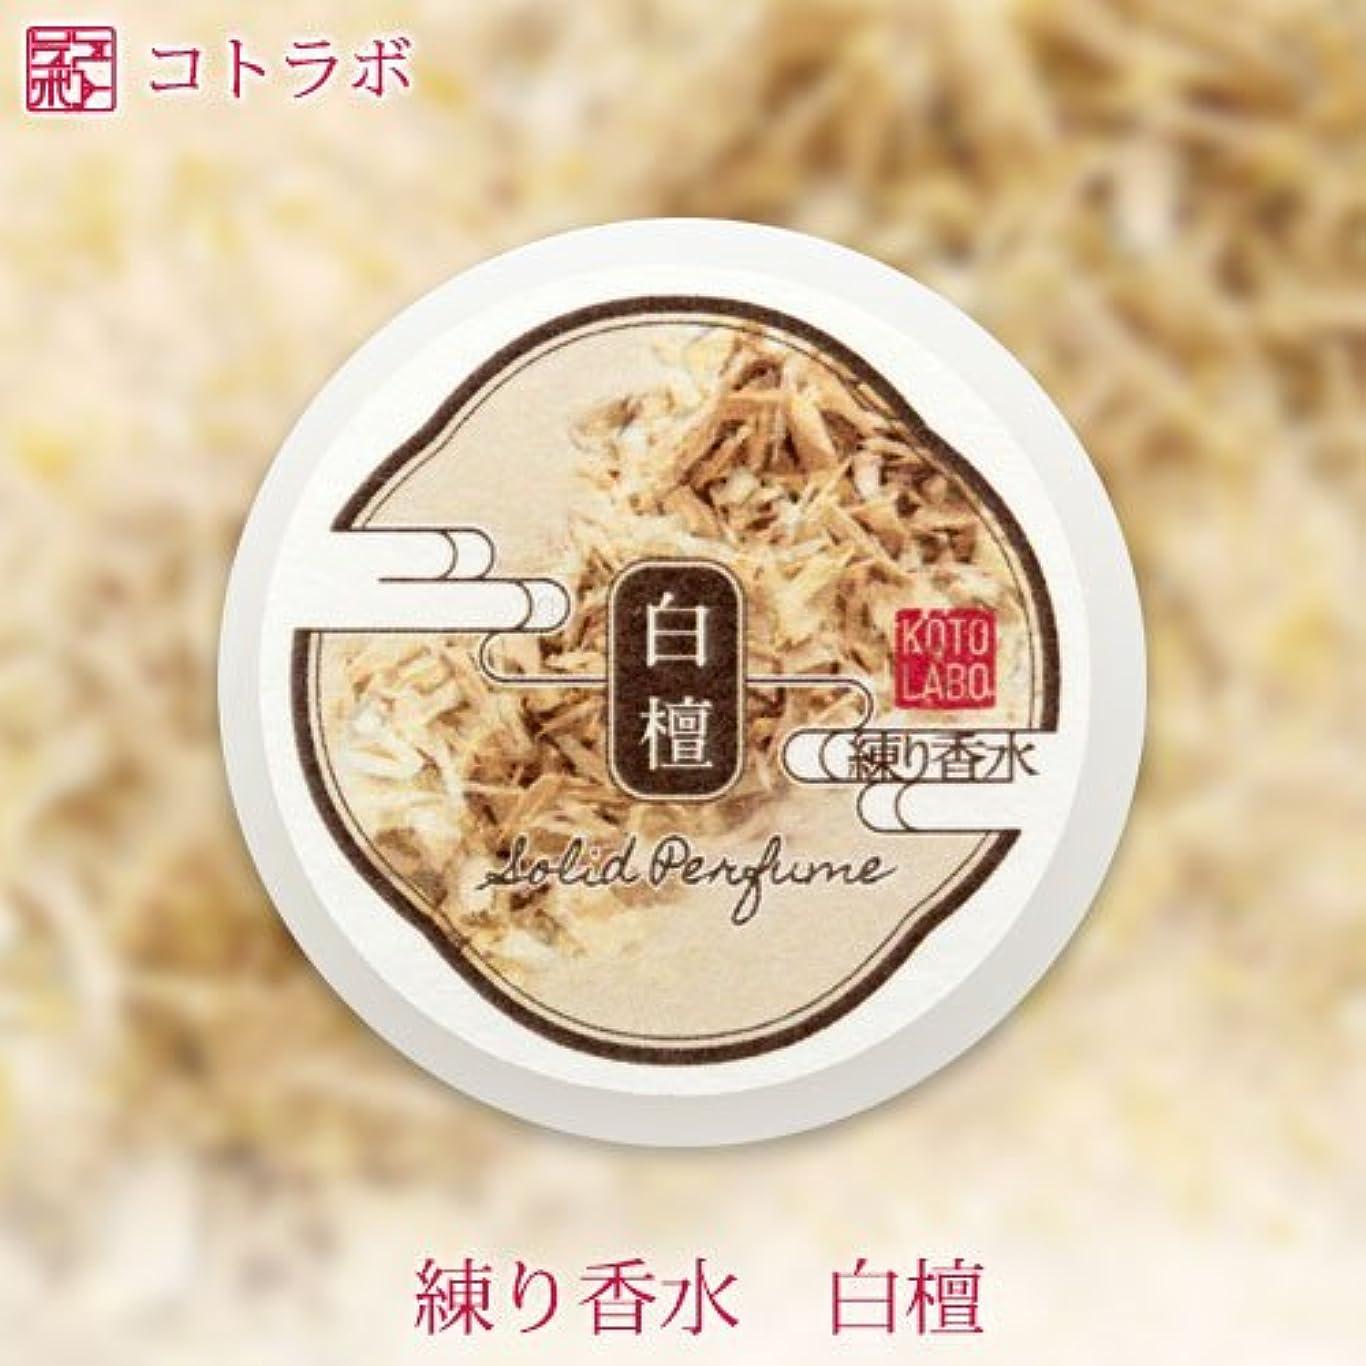 コンピューターを使用するパースジム金箔透明練り香水 白檀の香り ソリッドパフューム Kotolabo solid perfume, Sandalwood